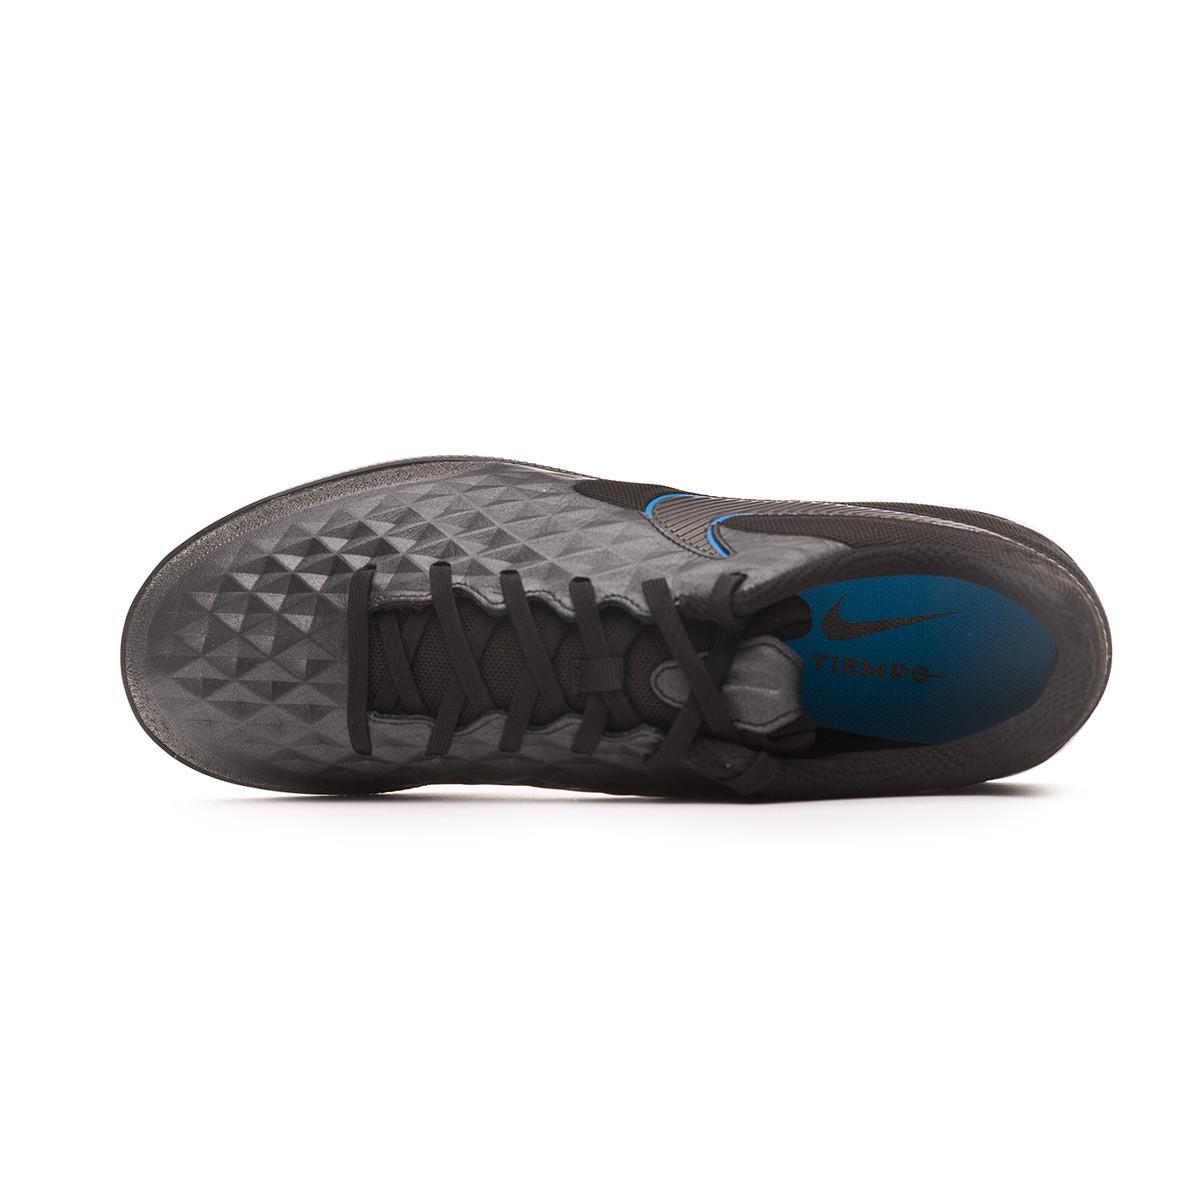 Zapatilla Nike React Tiempo Legend Viii Pro Icblack blue